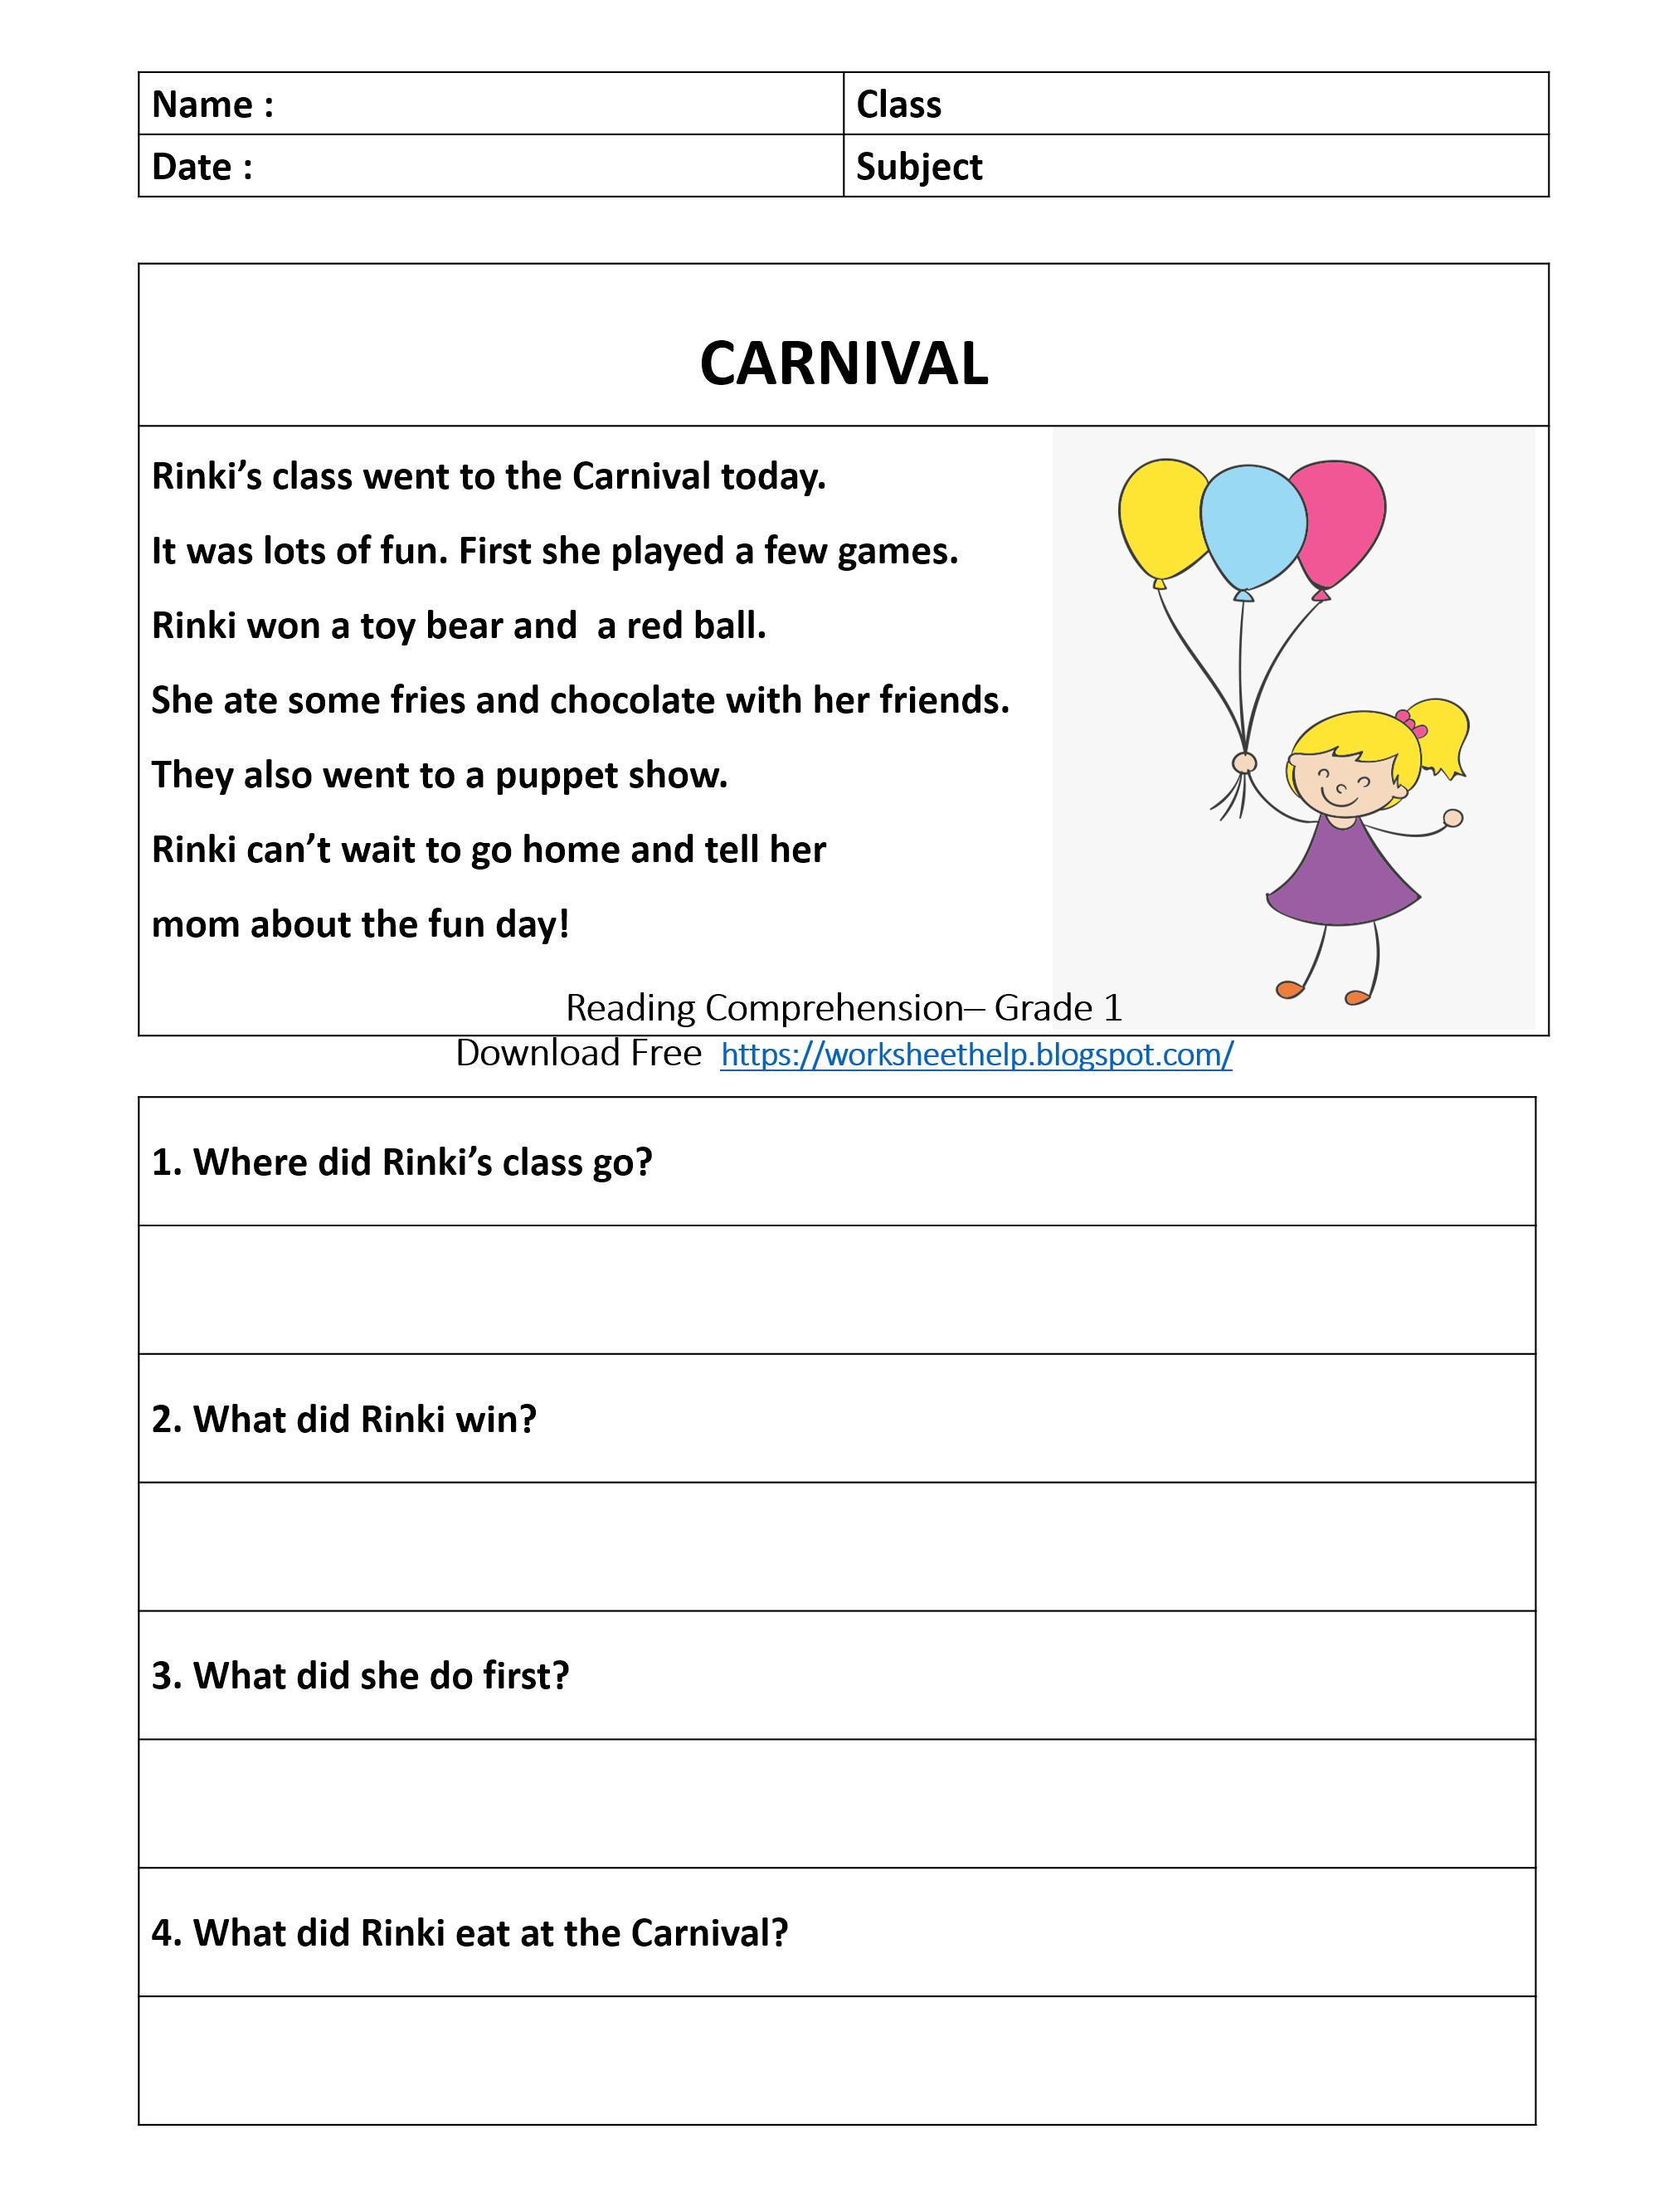 Reading Comprehension Worksheet - Grade 1 - Carnival   Comprehension  worksheets [ 2666 x 2000 Pixel ]